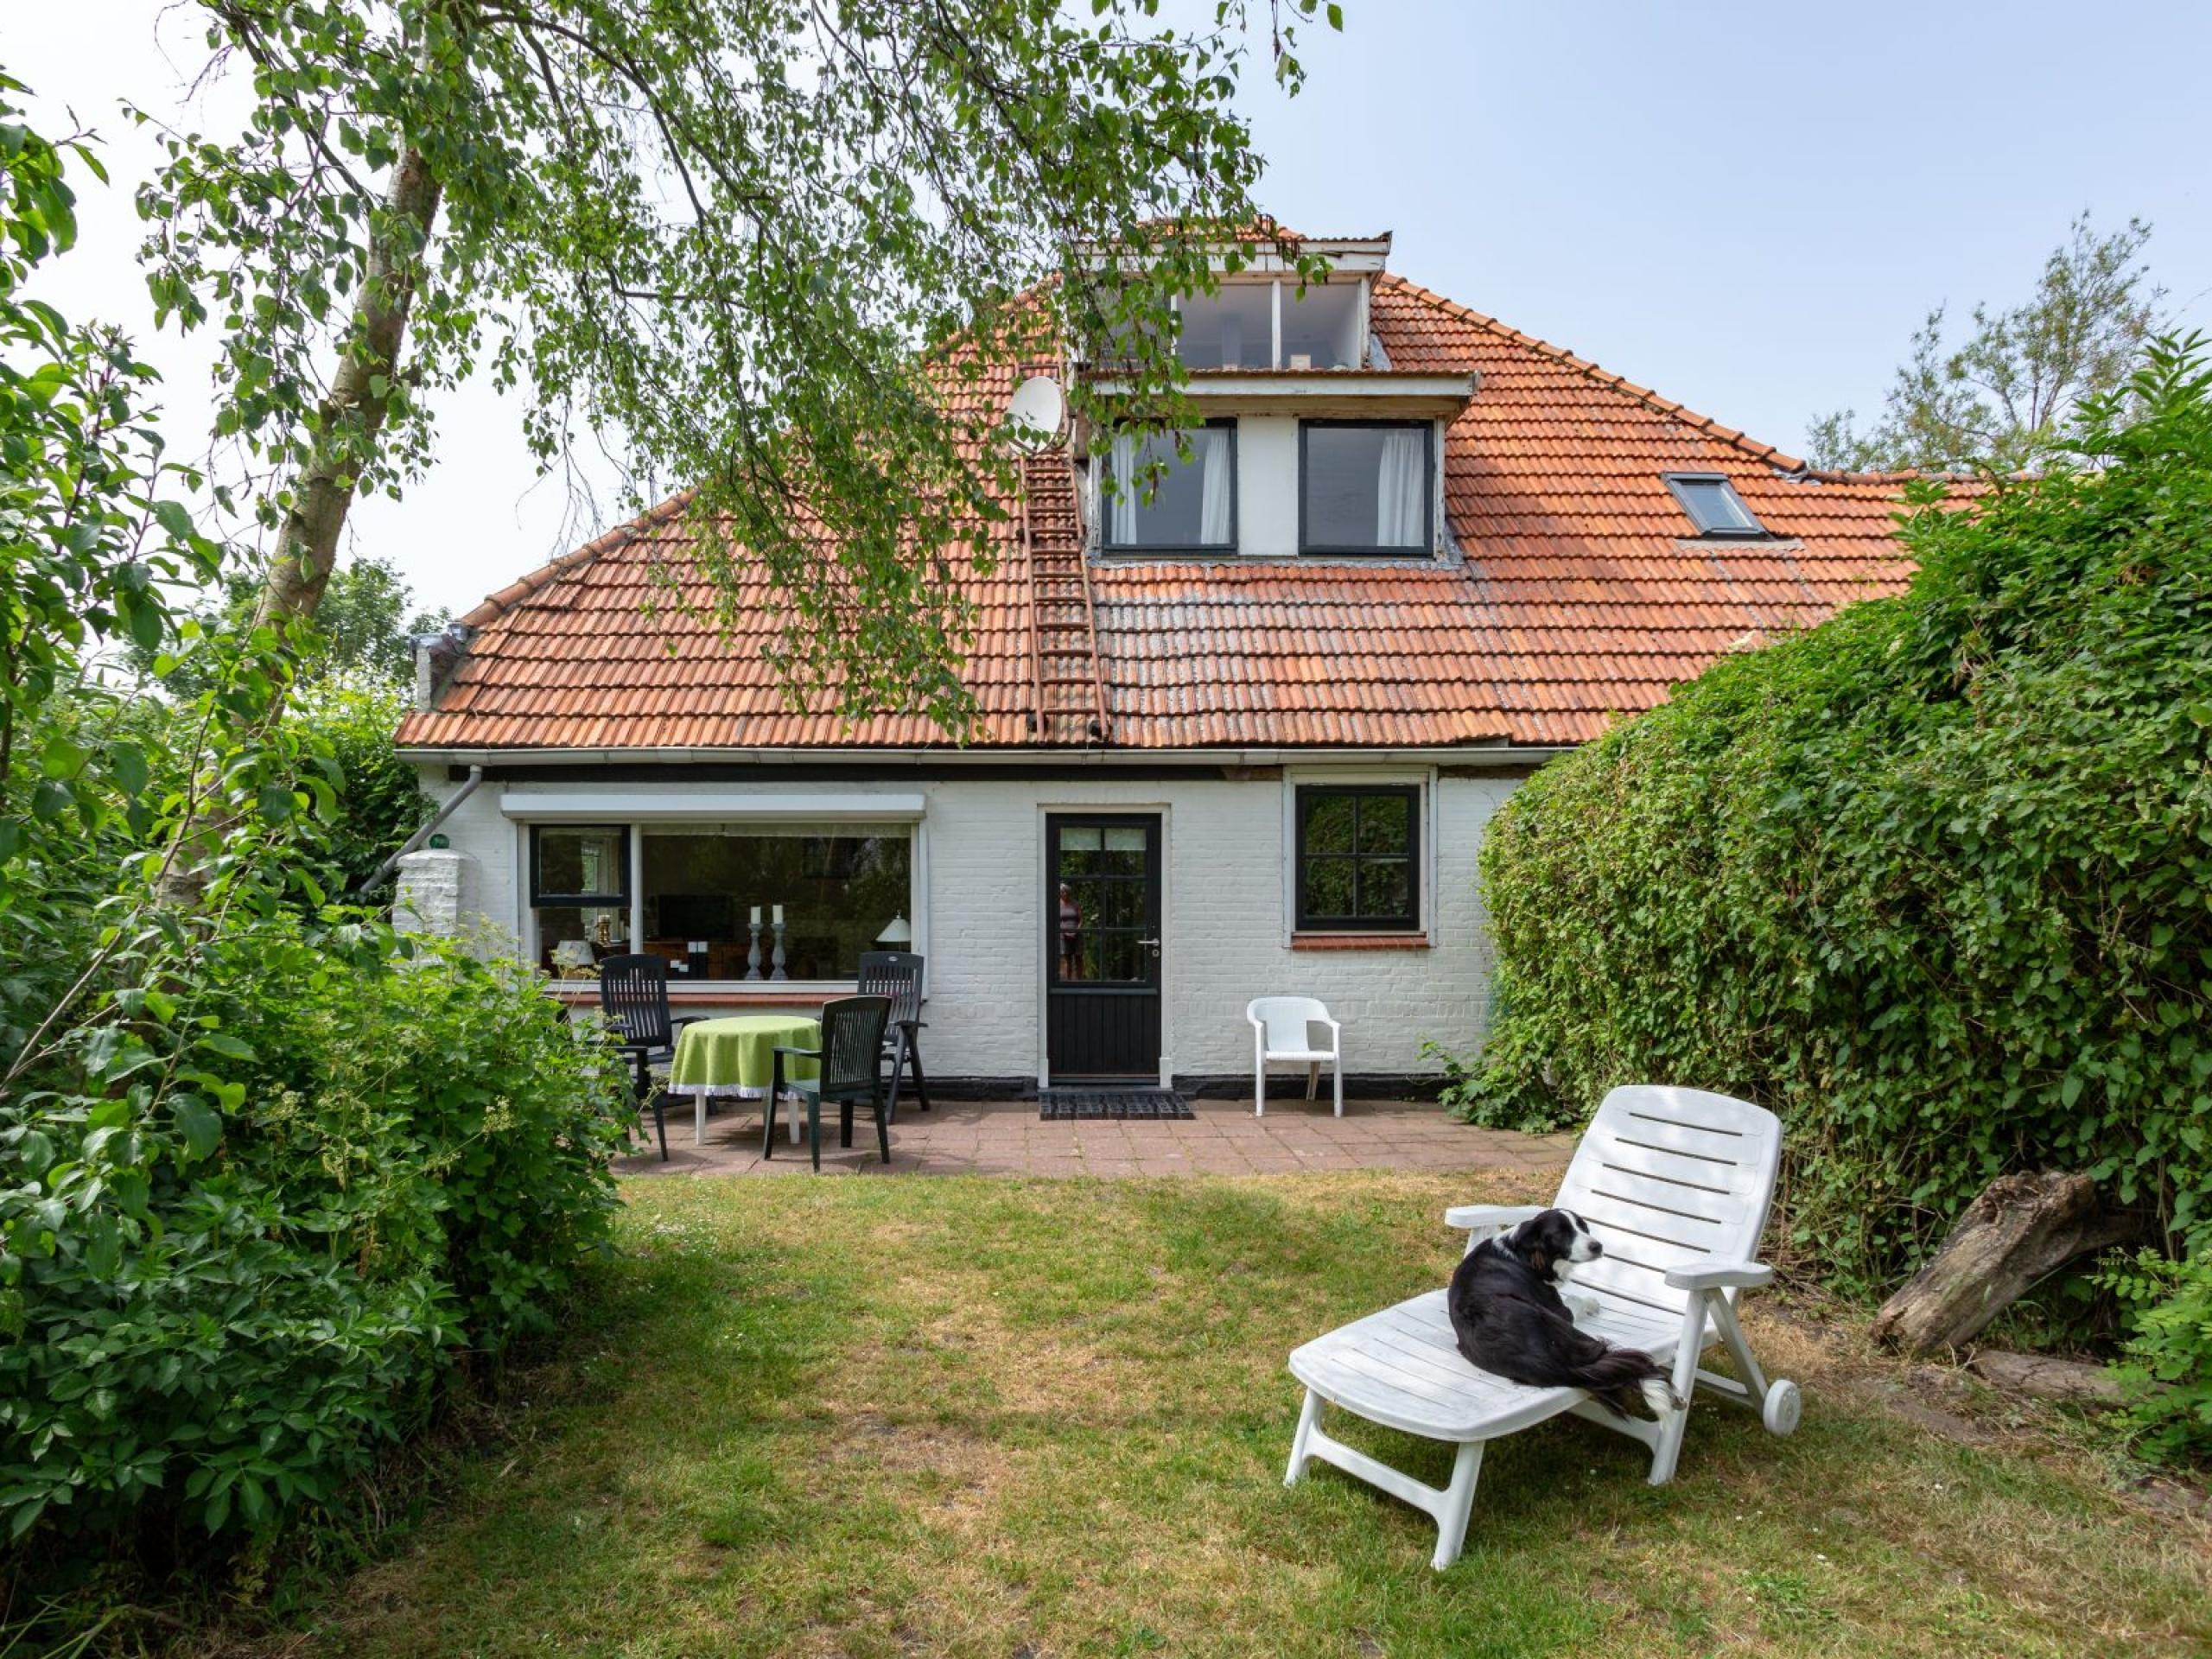 Gemütliches Appartement in Bauernhof einzigartige Lage in Eierland